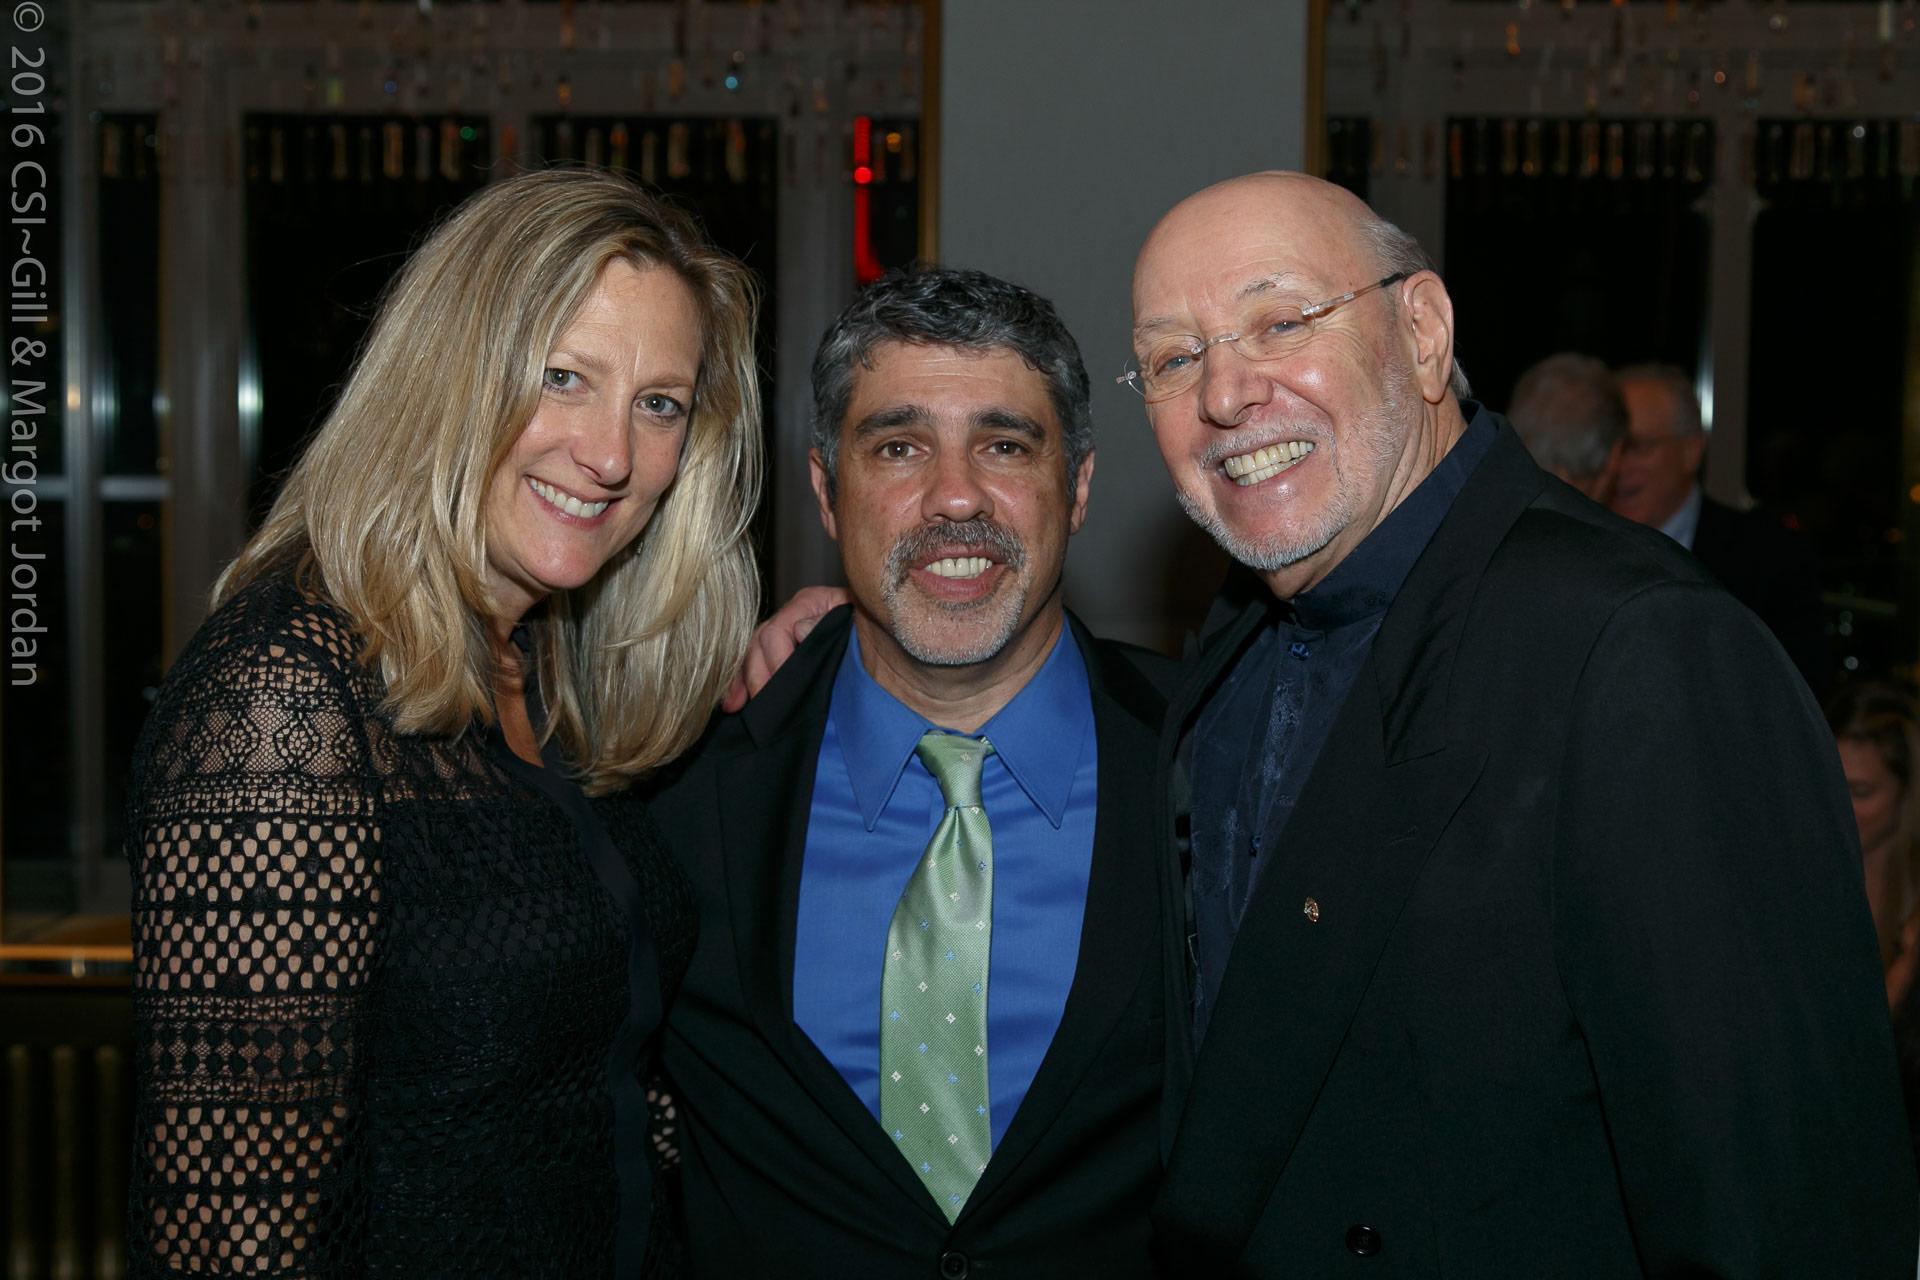 West Coast College >> Brooklyn College Foundation   Brooklyn College Foundation Honors (and the Friars Club Roasts ...